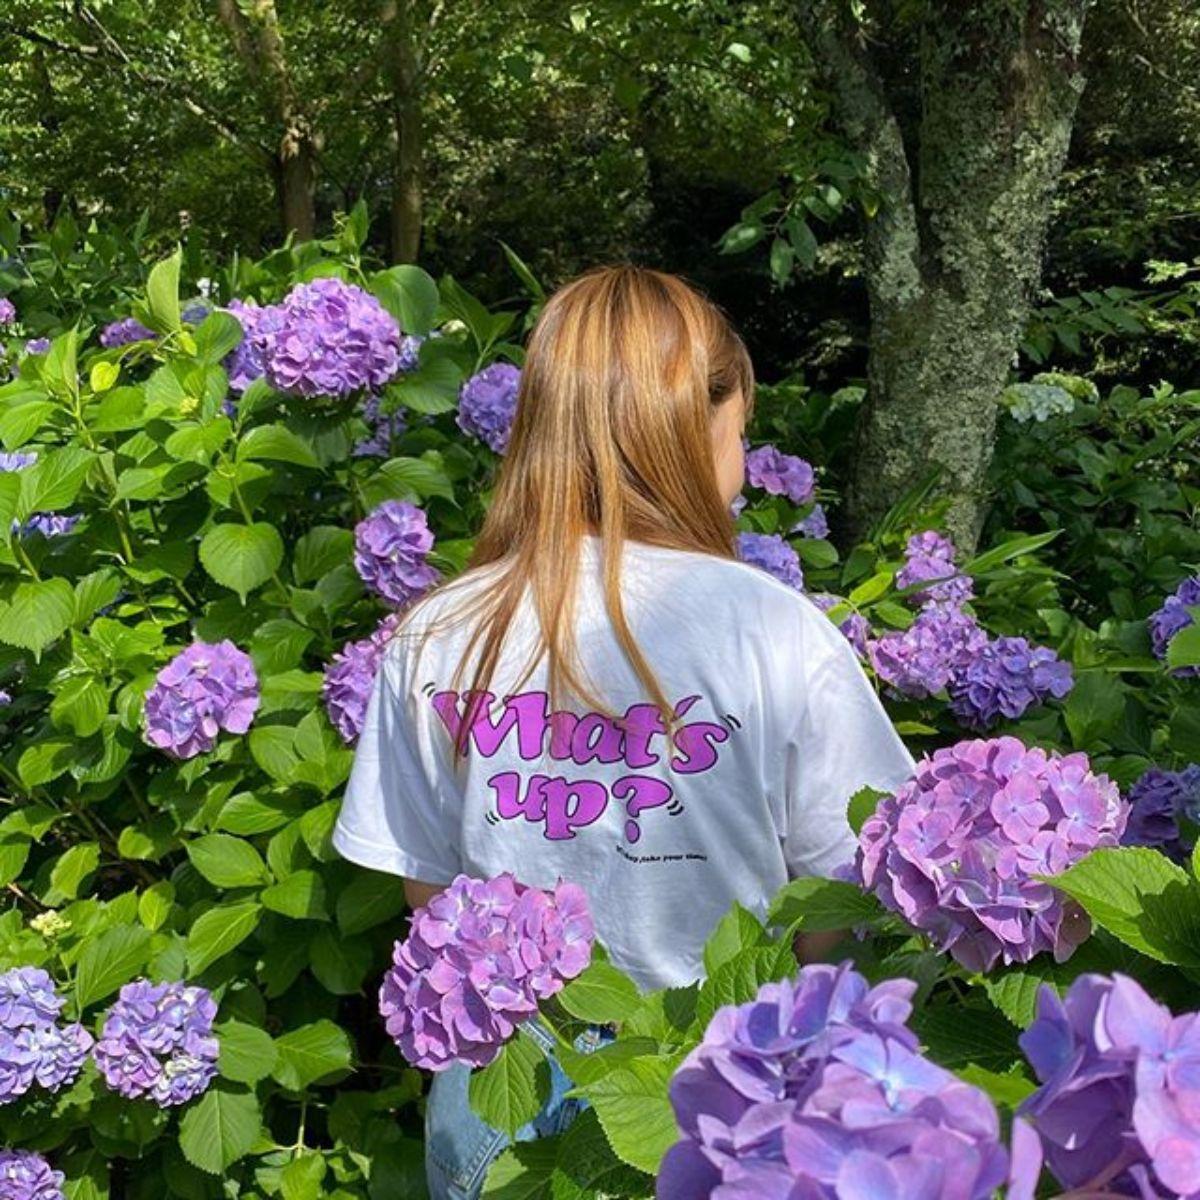 """現役女子大生が注目する「IG発ブランド」って?夏に欲しい""""Tシャツがかわいいブランド""""を6つピックしました♪"""